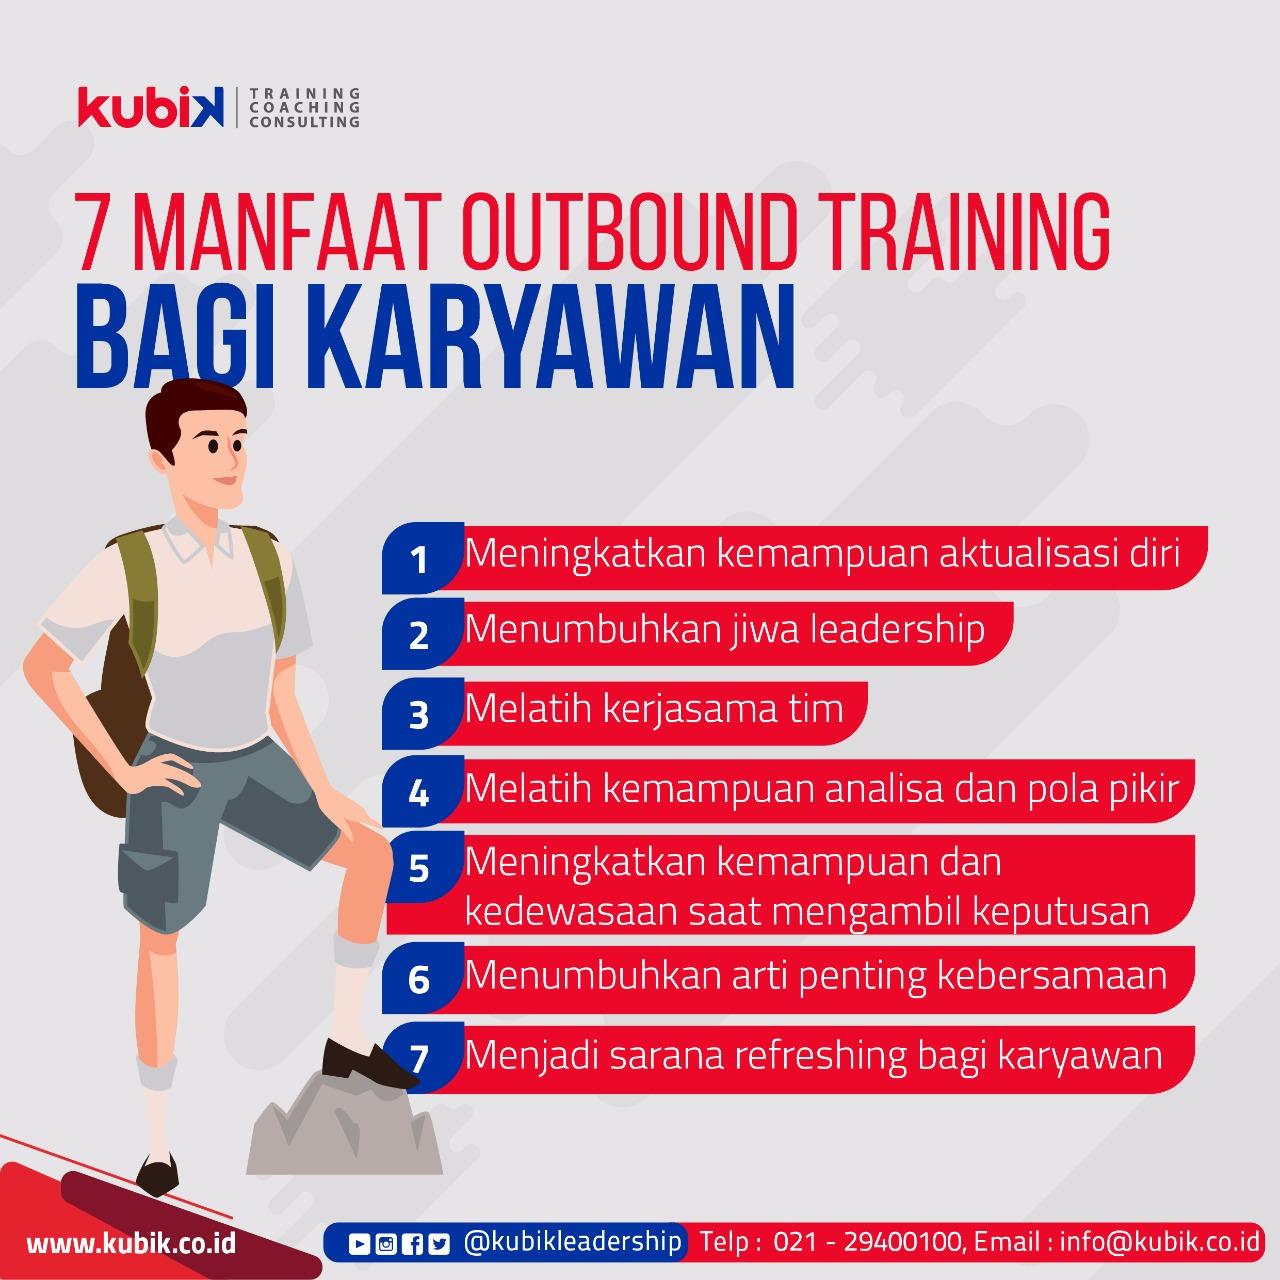 7 Manfaat Outbound Training Bagi Karyawan